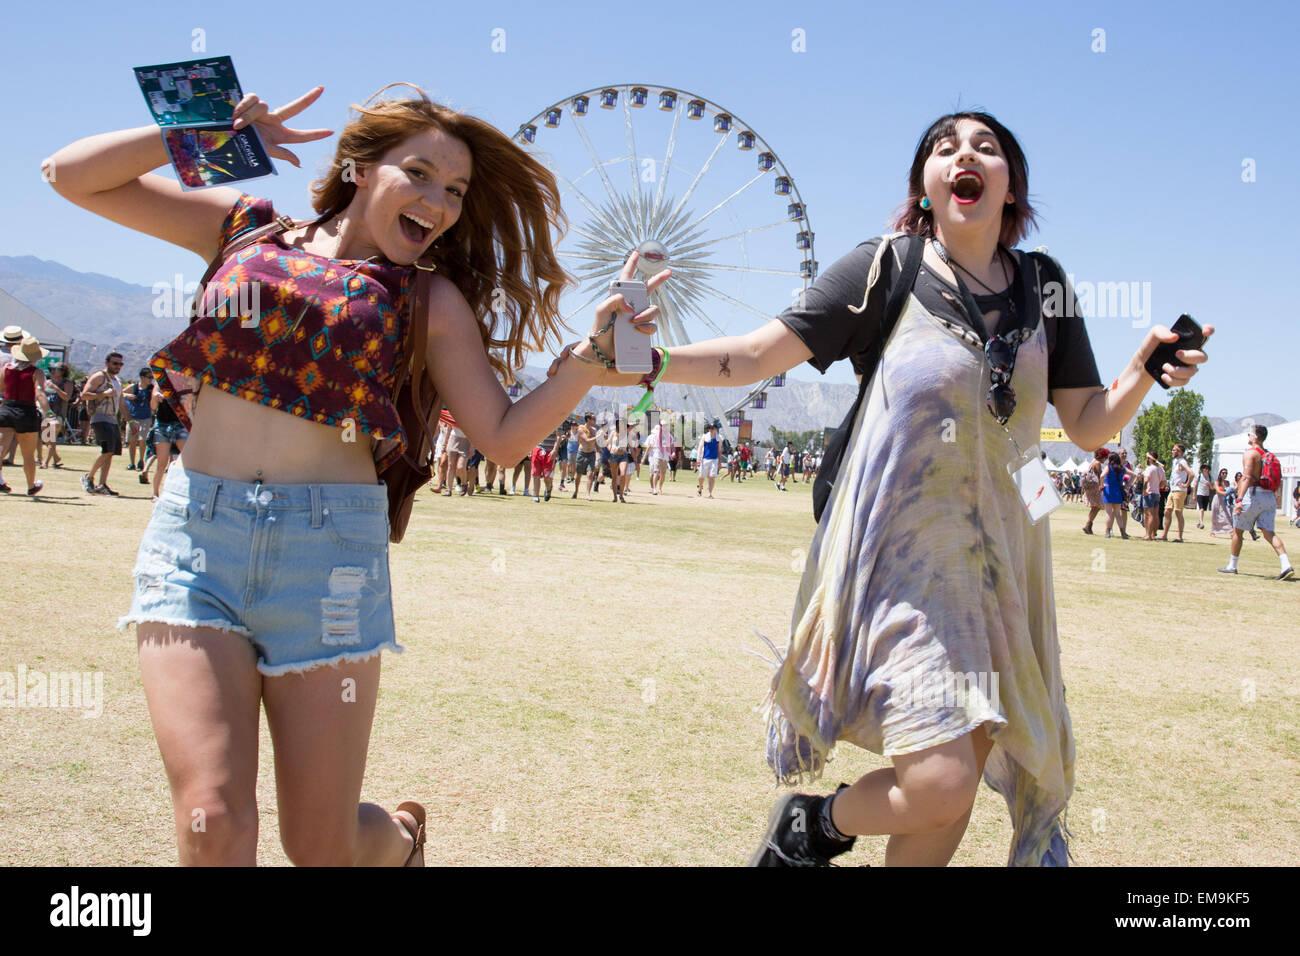 Indio, California, Estados Unidos. 17 abr, 2015. Corriente de fans en el recinto durante los tres días de música Imagen De Stock